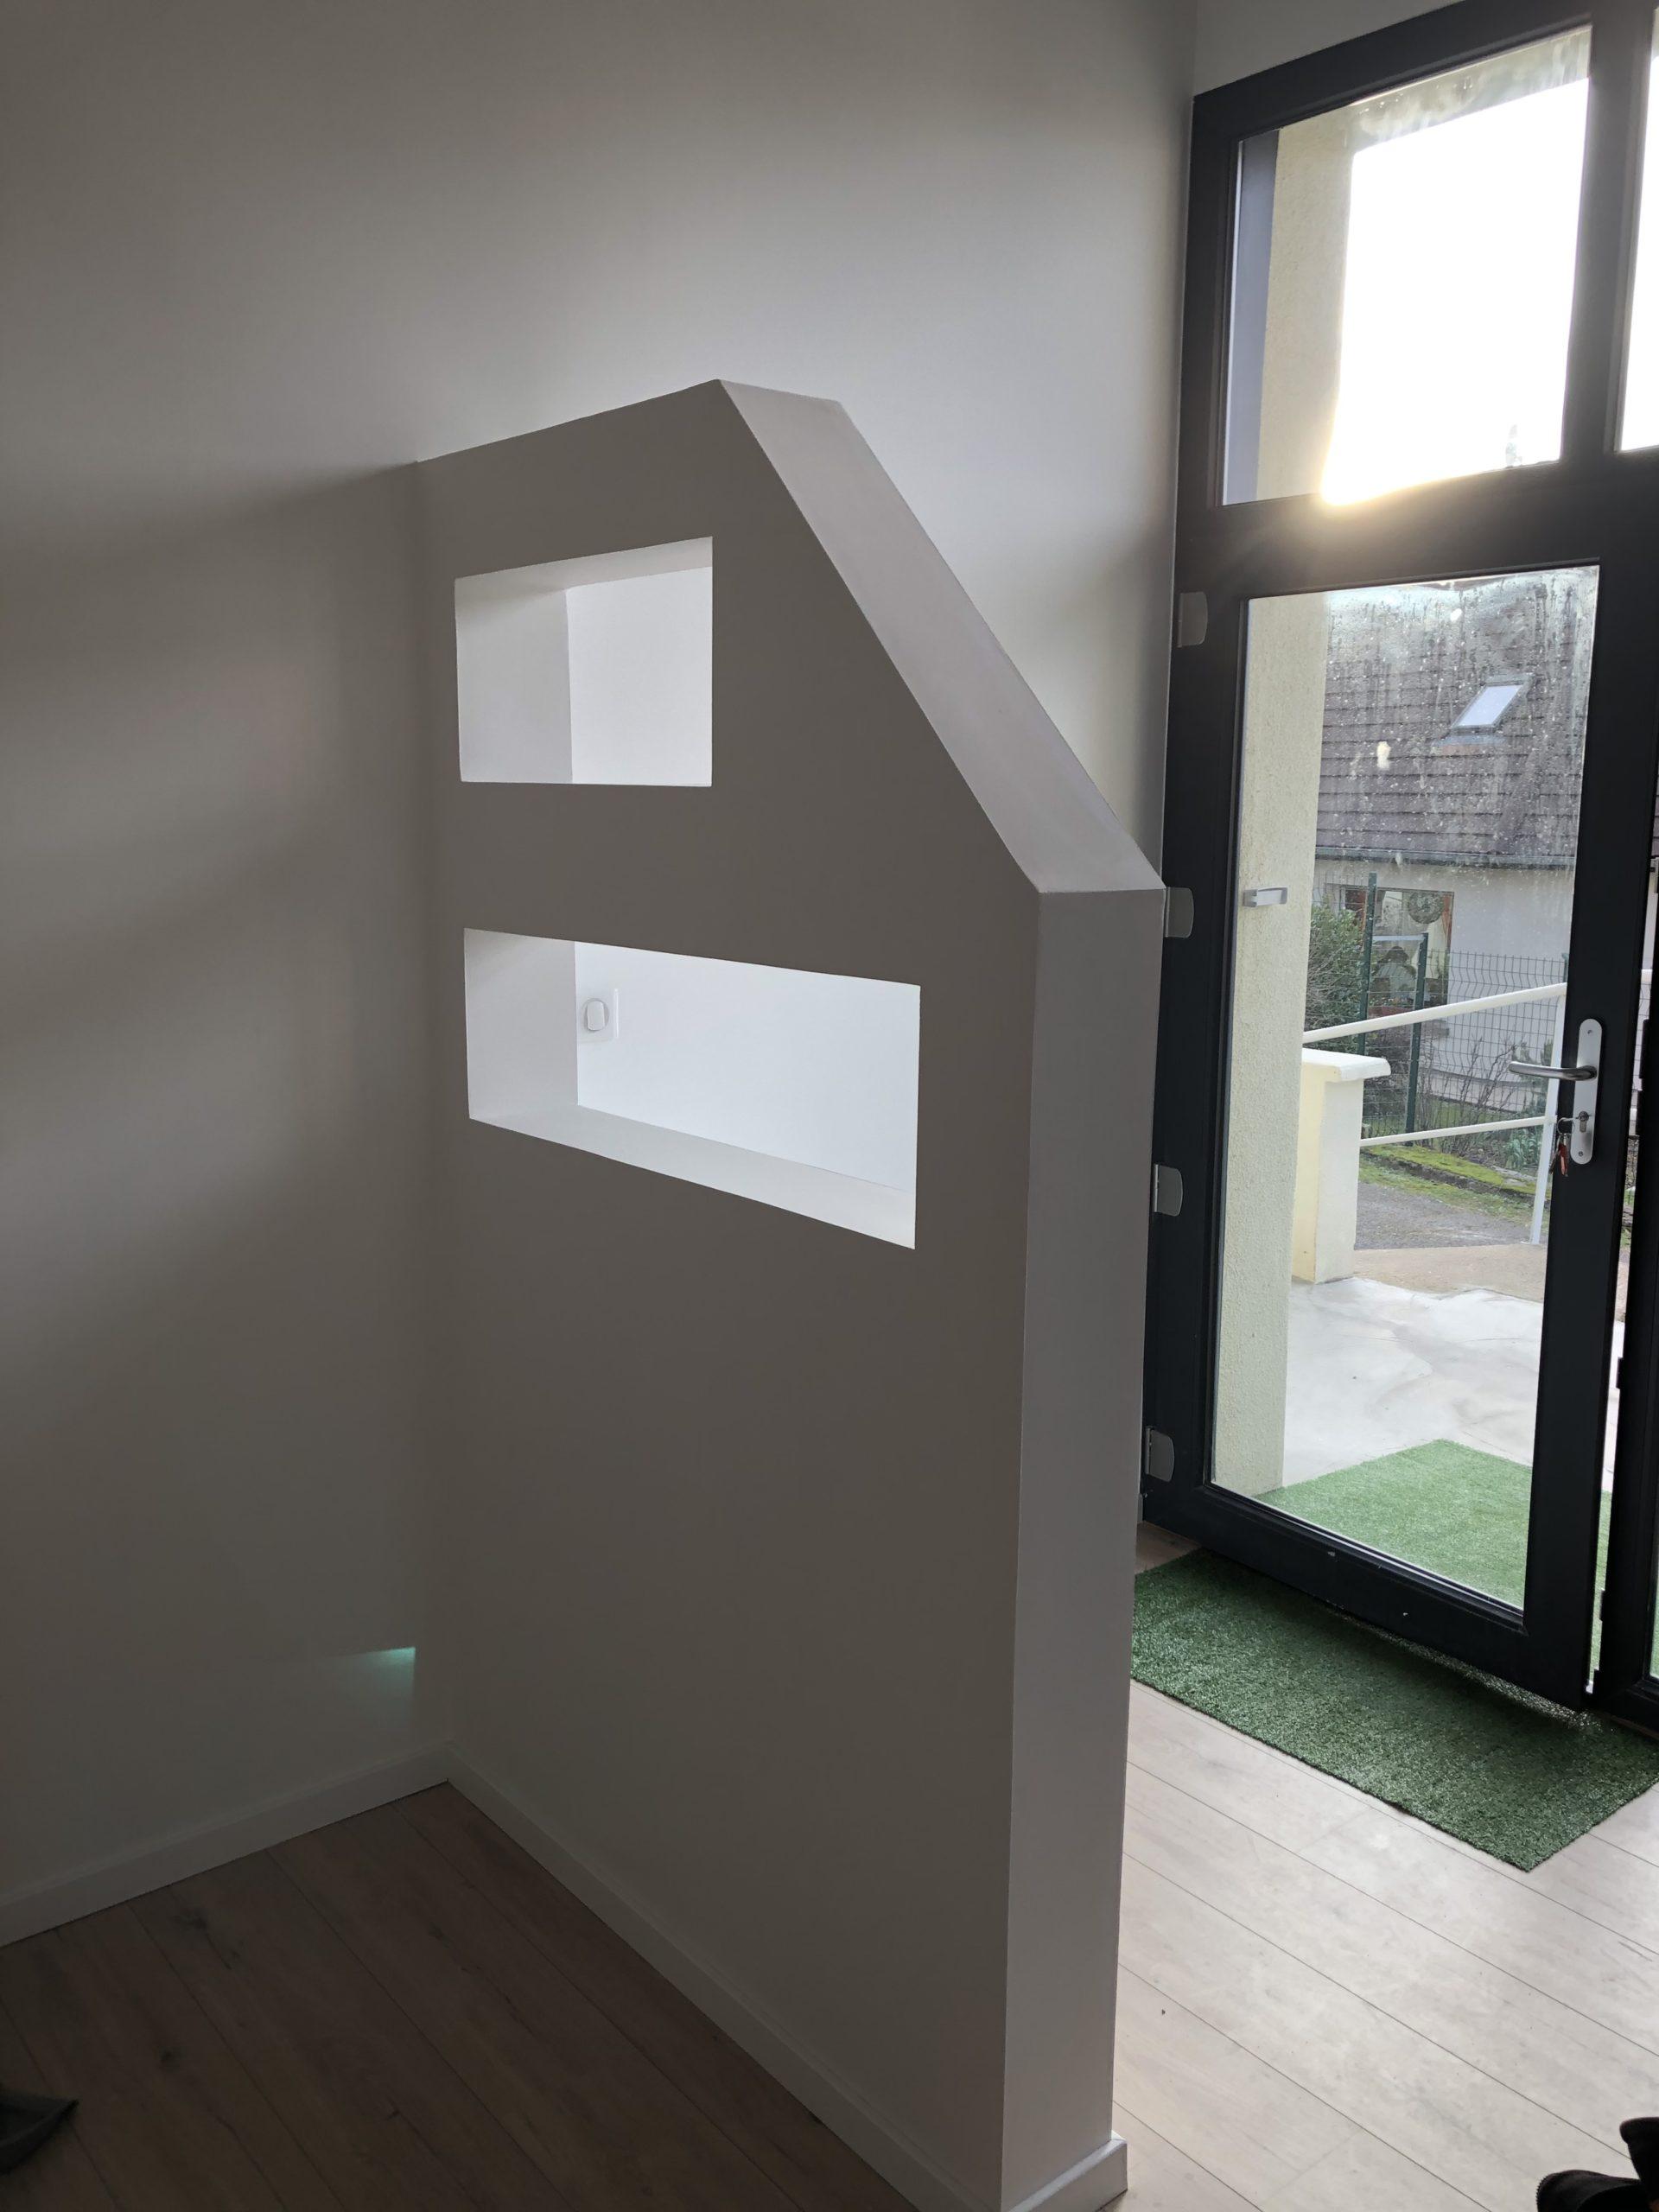 Travaux de Placo - Enduit - Peinture maison complète